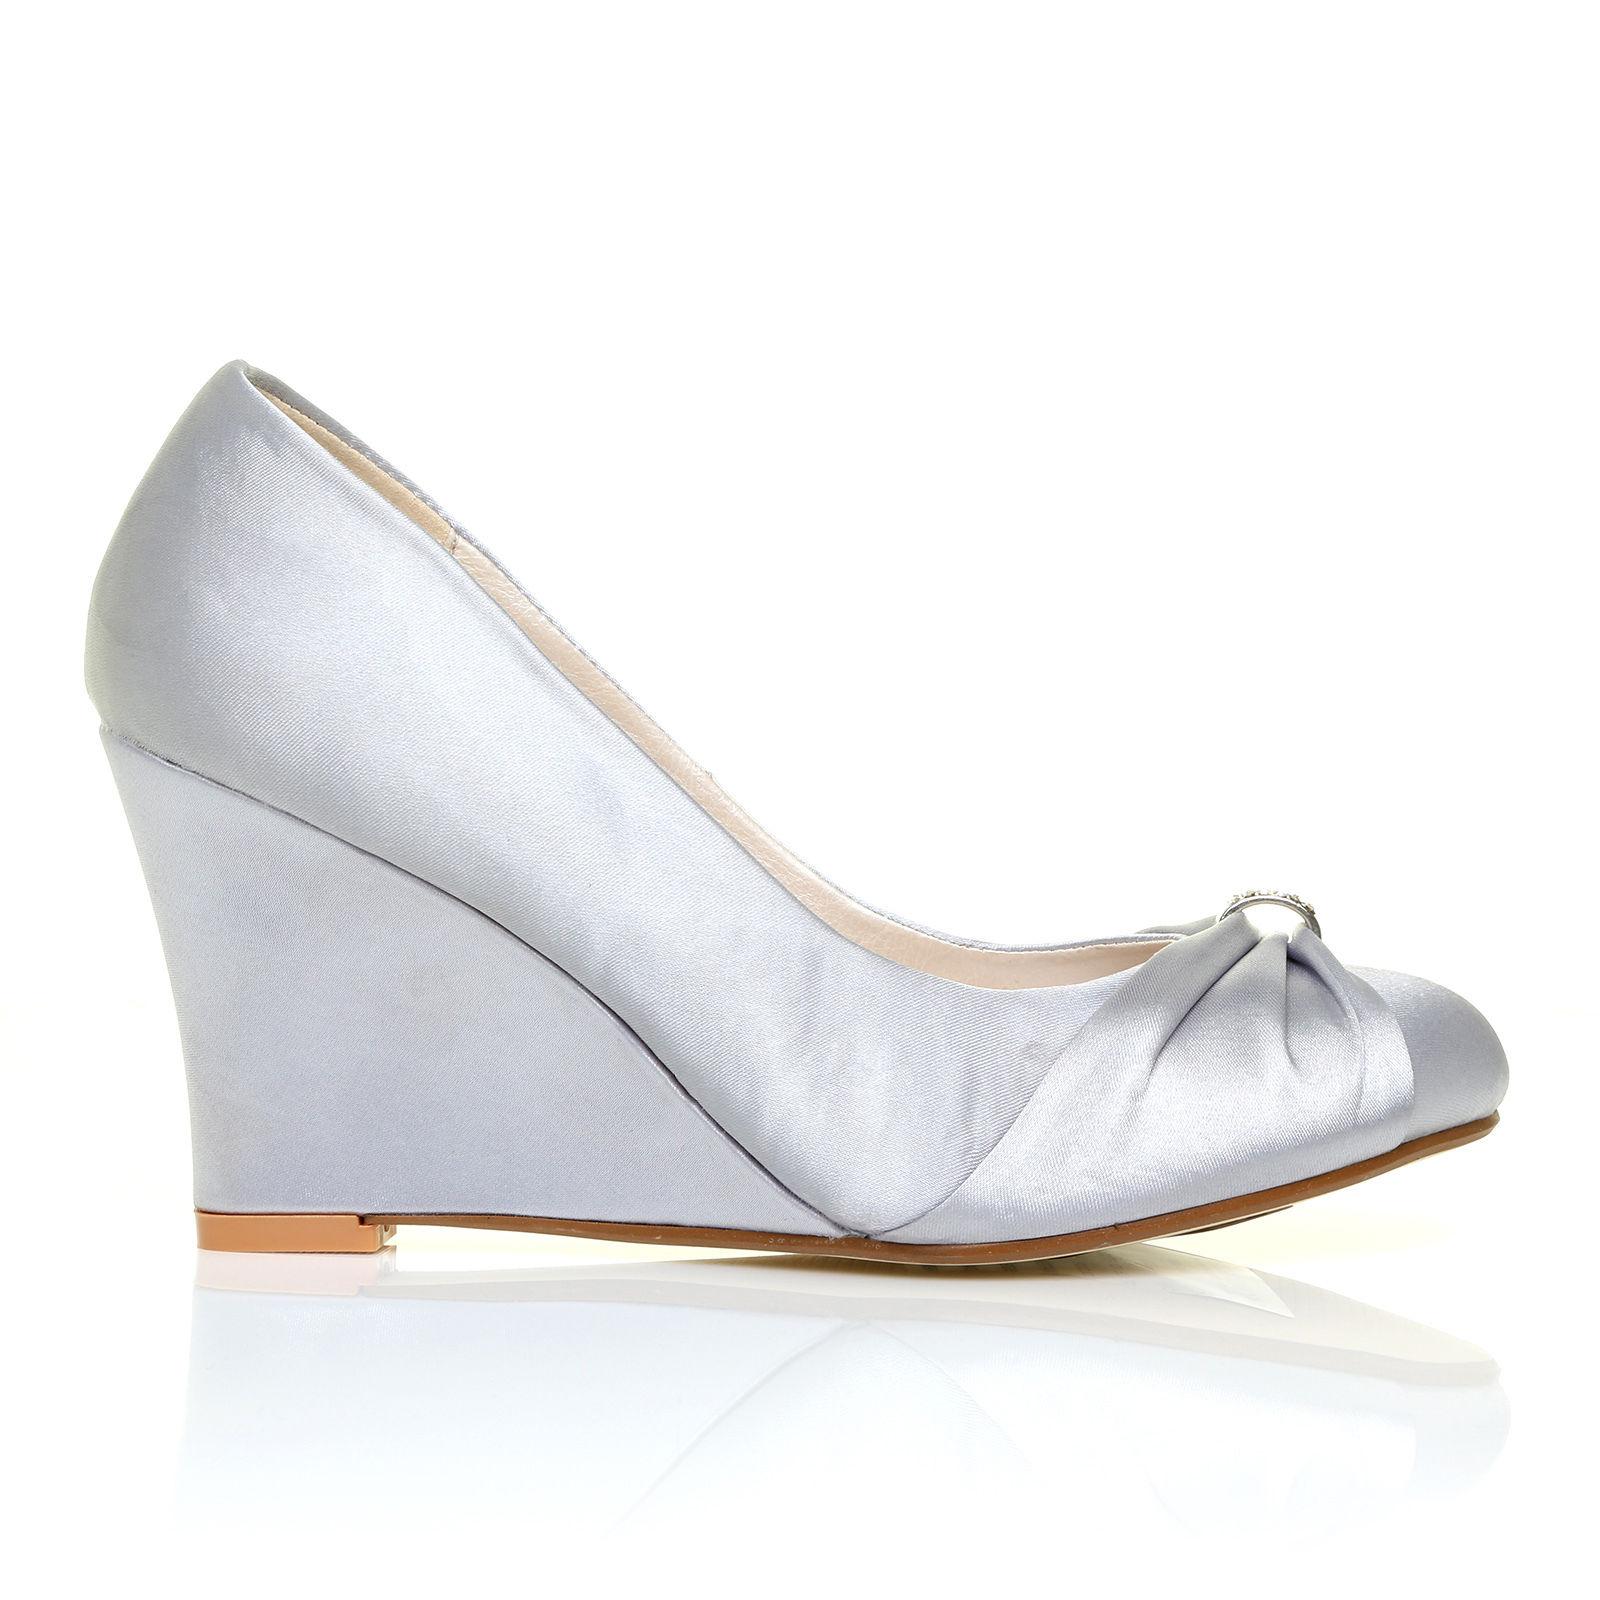 Stříbrné společenské boty, klínek, 36-41 - Obrázek č. 1